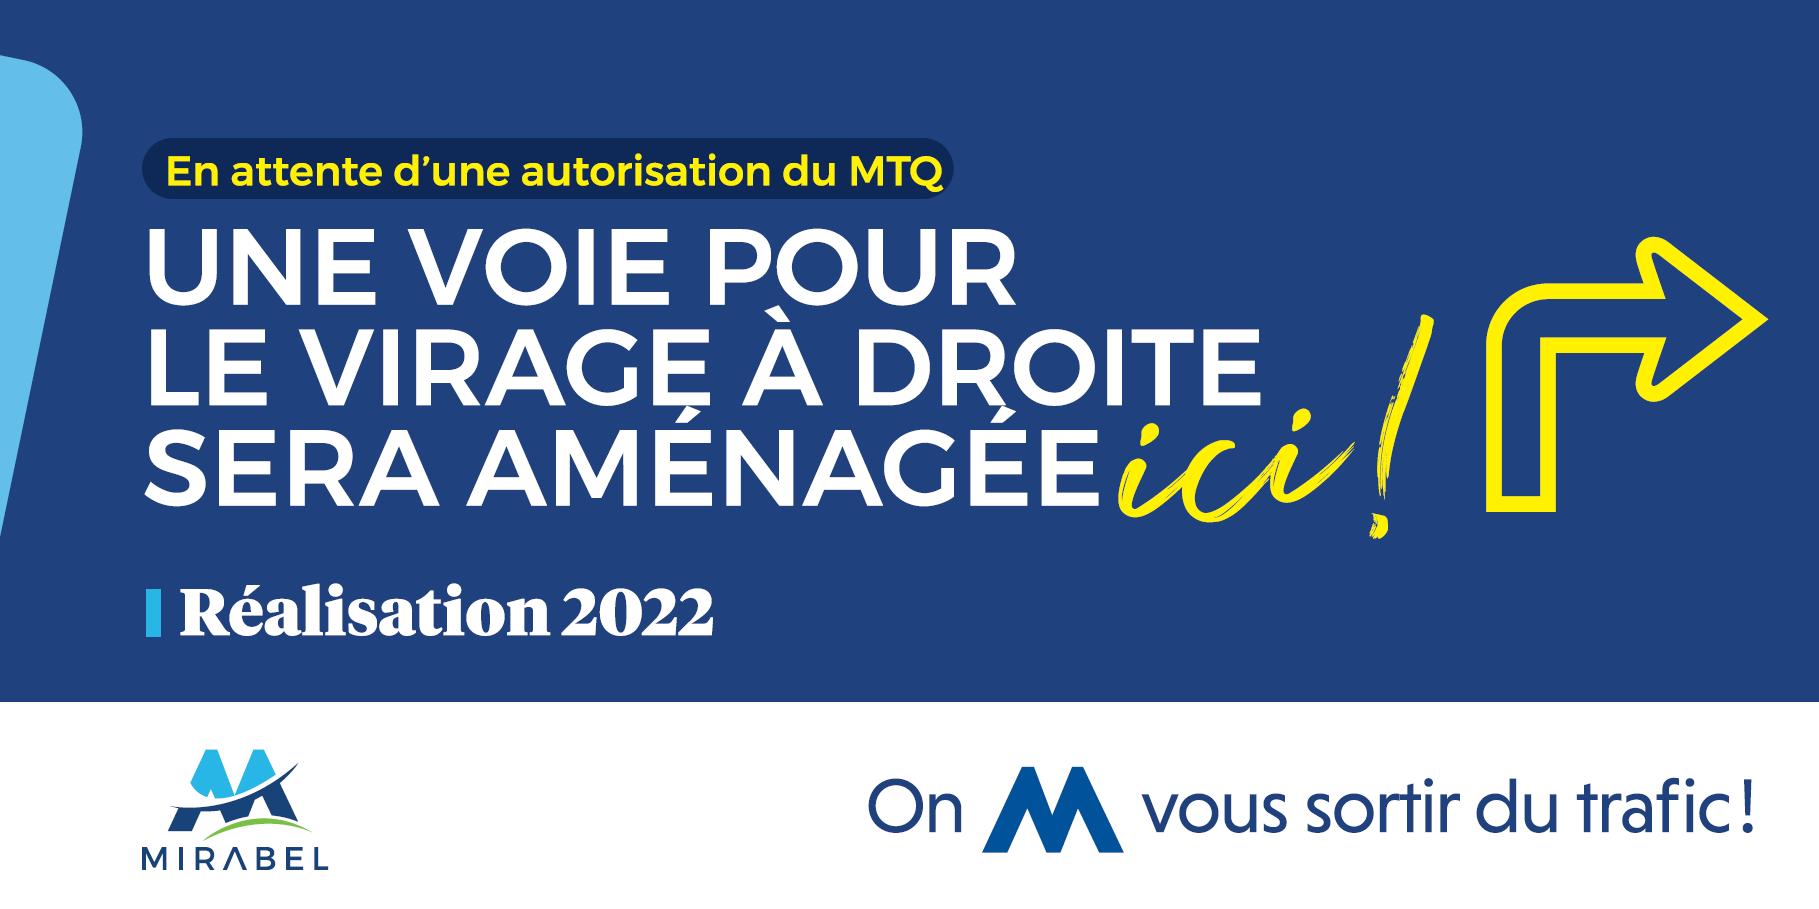 Travaux_panneau2.png (99 KB)